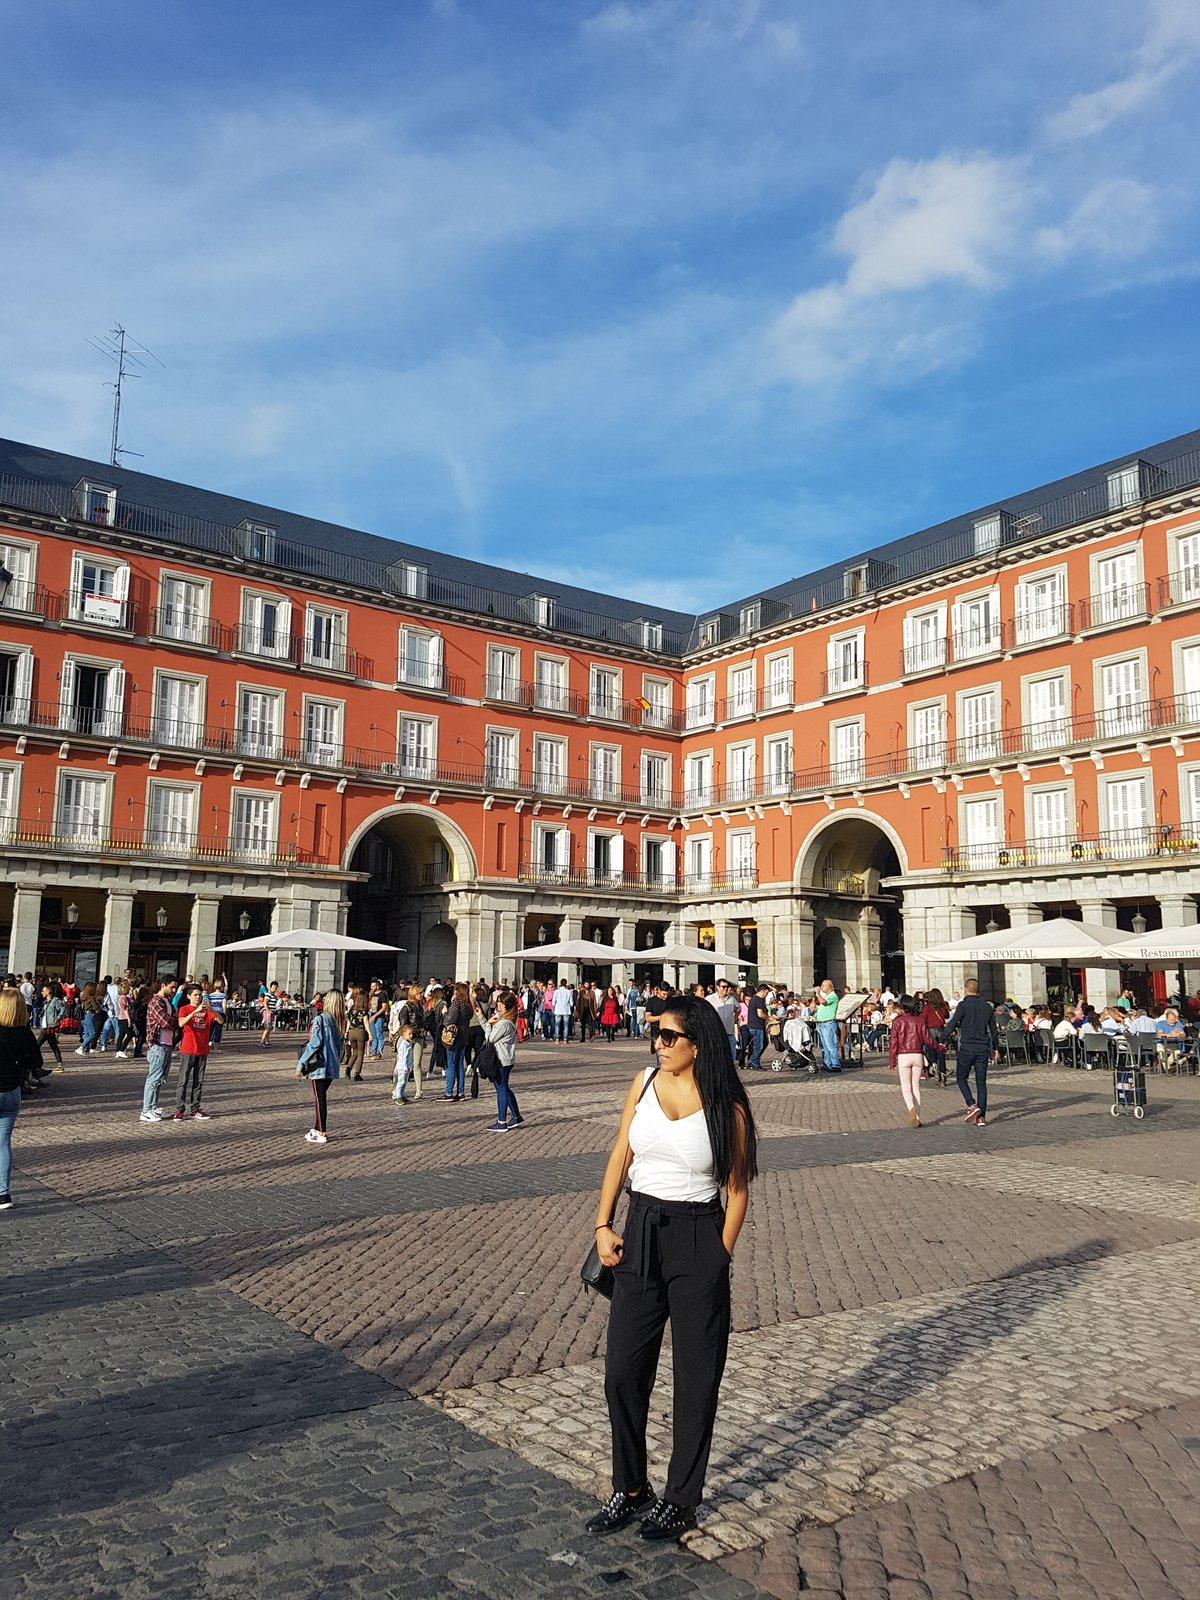 מדריד - ארבעה ימים בבירת ספרד, מדריד, המלצות, טיפים, מדריך, Madrid, אירית אסלן, מתוקתקת, בלוג, Irit Aslan